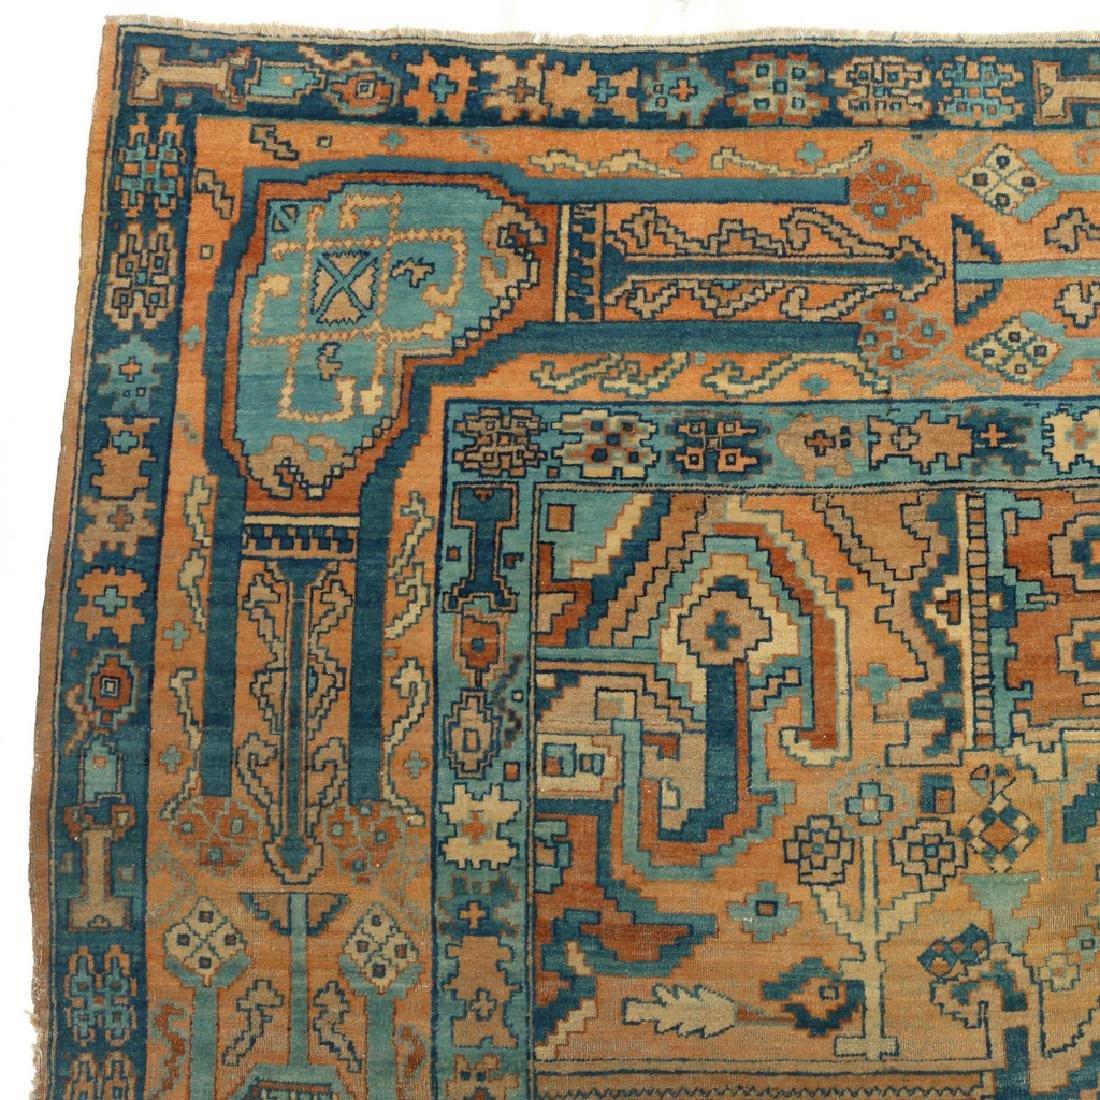 UNUSUAL PERSIAN OR INDIAN GEOMETRIC CARPET - 4